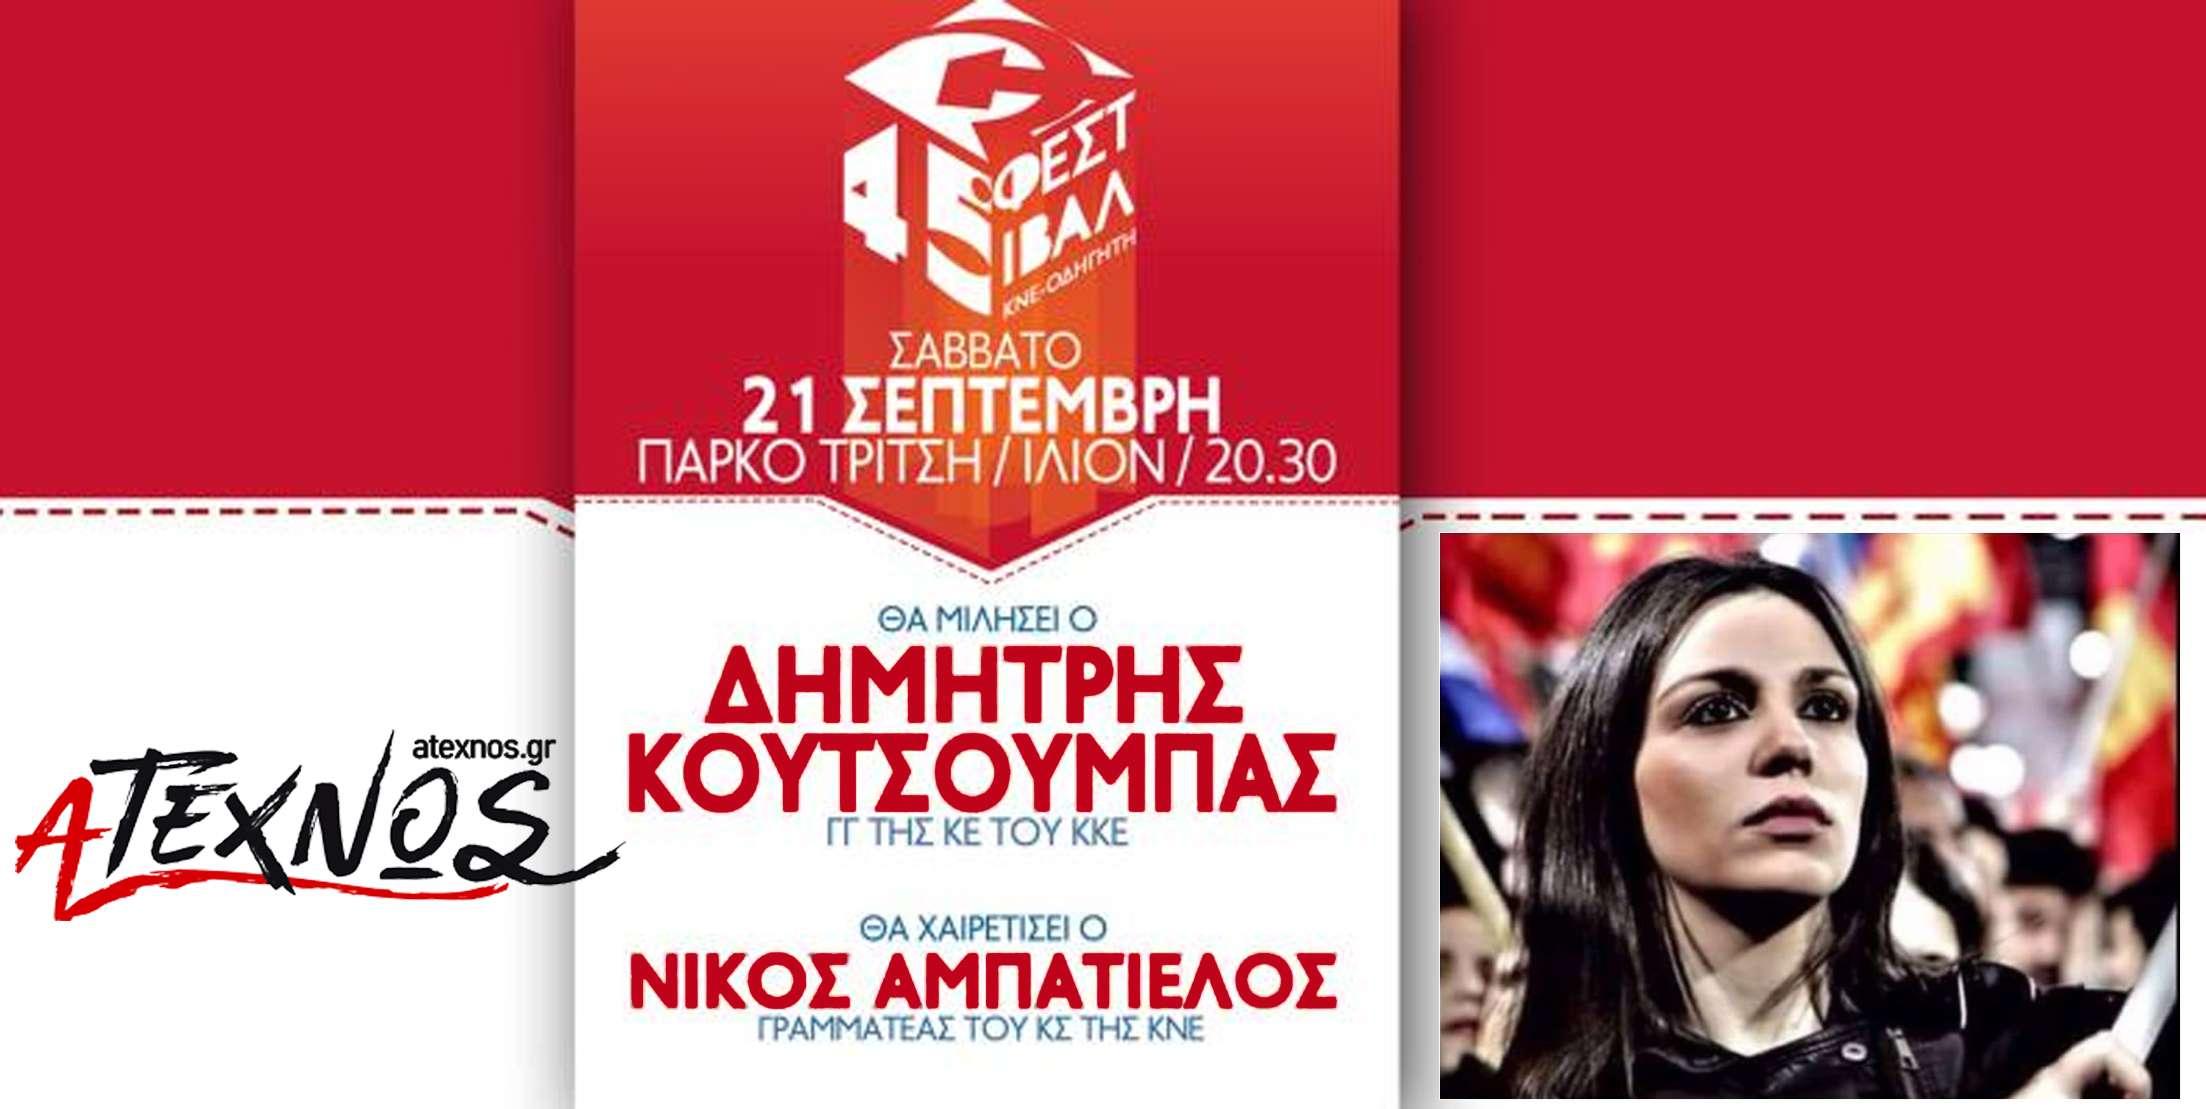 45ο ΦΕΣΤΙΒΑΛ ΚΝΕ – «ΟΔΗΓΗΤΗ» – Σήμερα στις 20.30 η μεγάλη πολιτική συγκέντρωση- Θα μιλήσει ο Δ. Κουτσούμπας